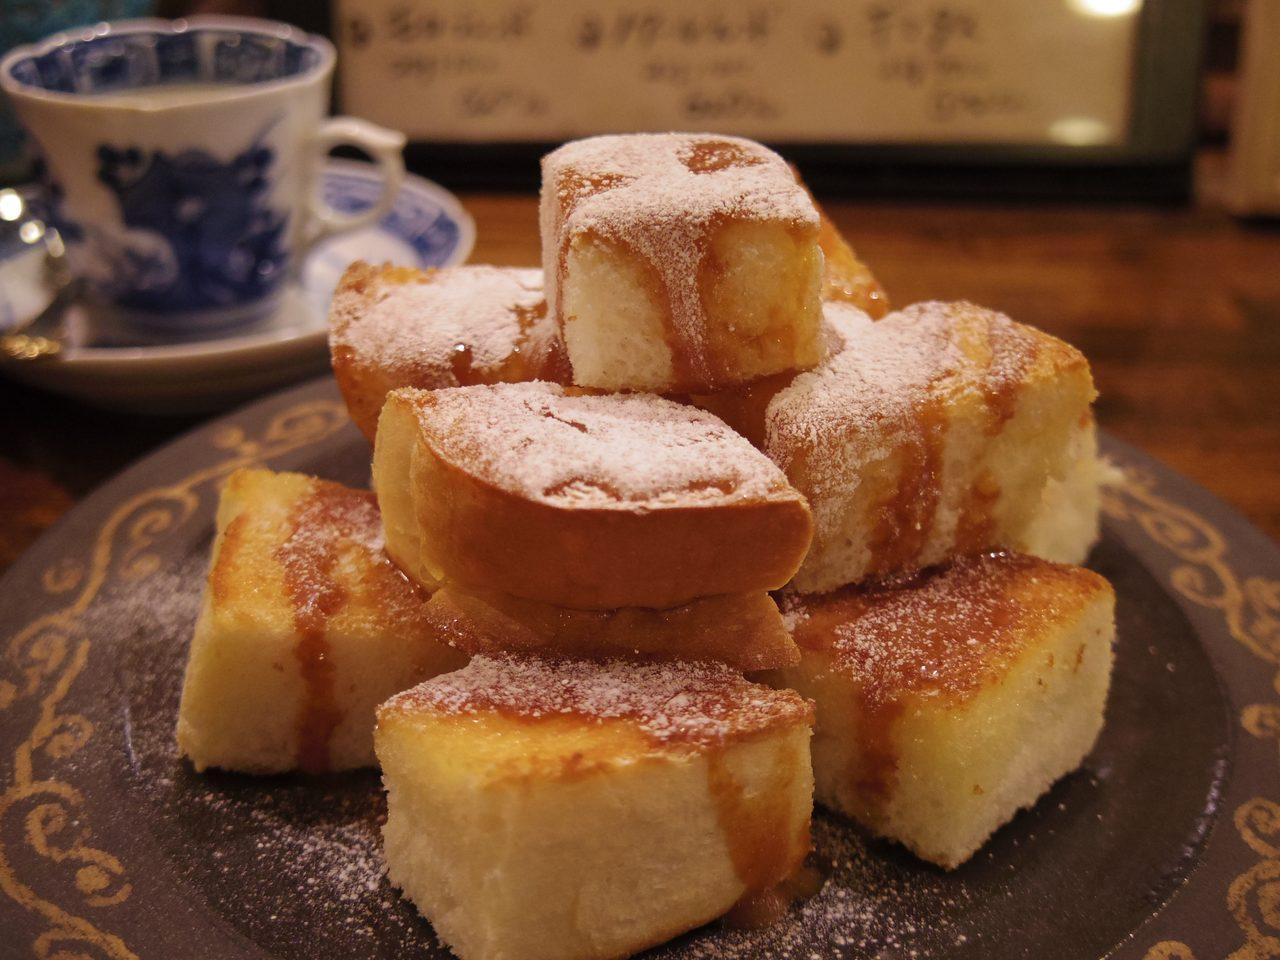 画像1: 大人のデミタスに合う甘いトーストを注文。